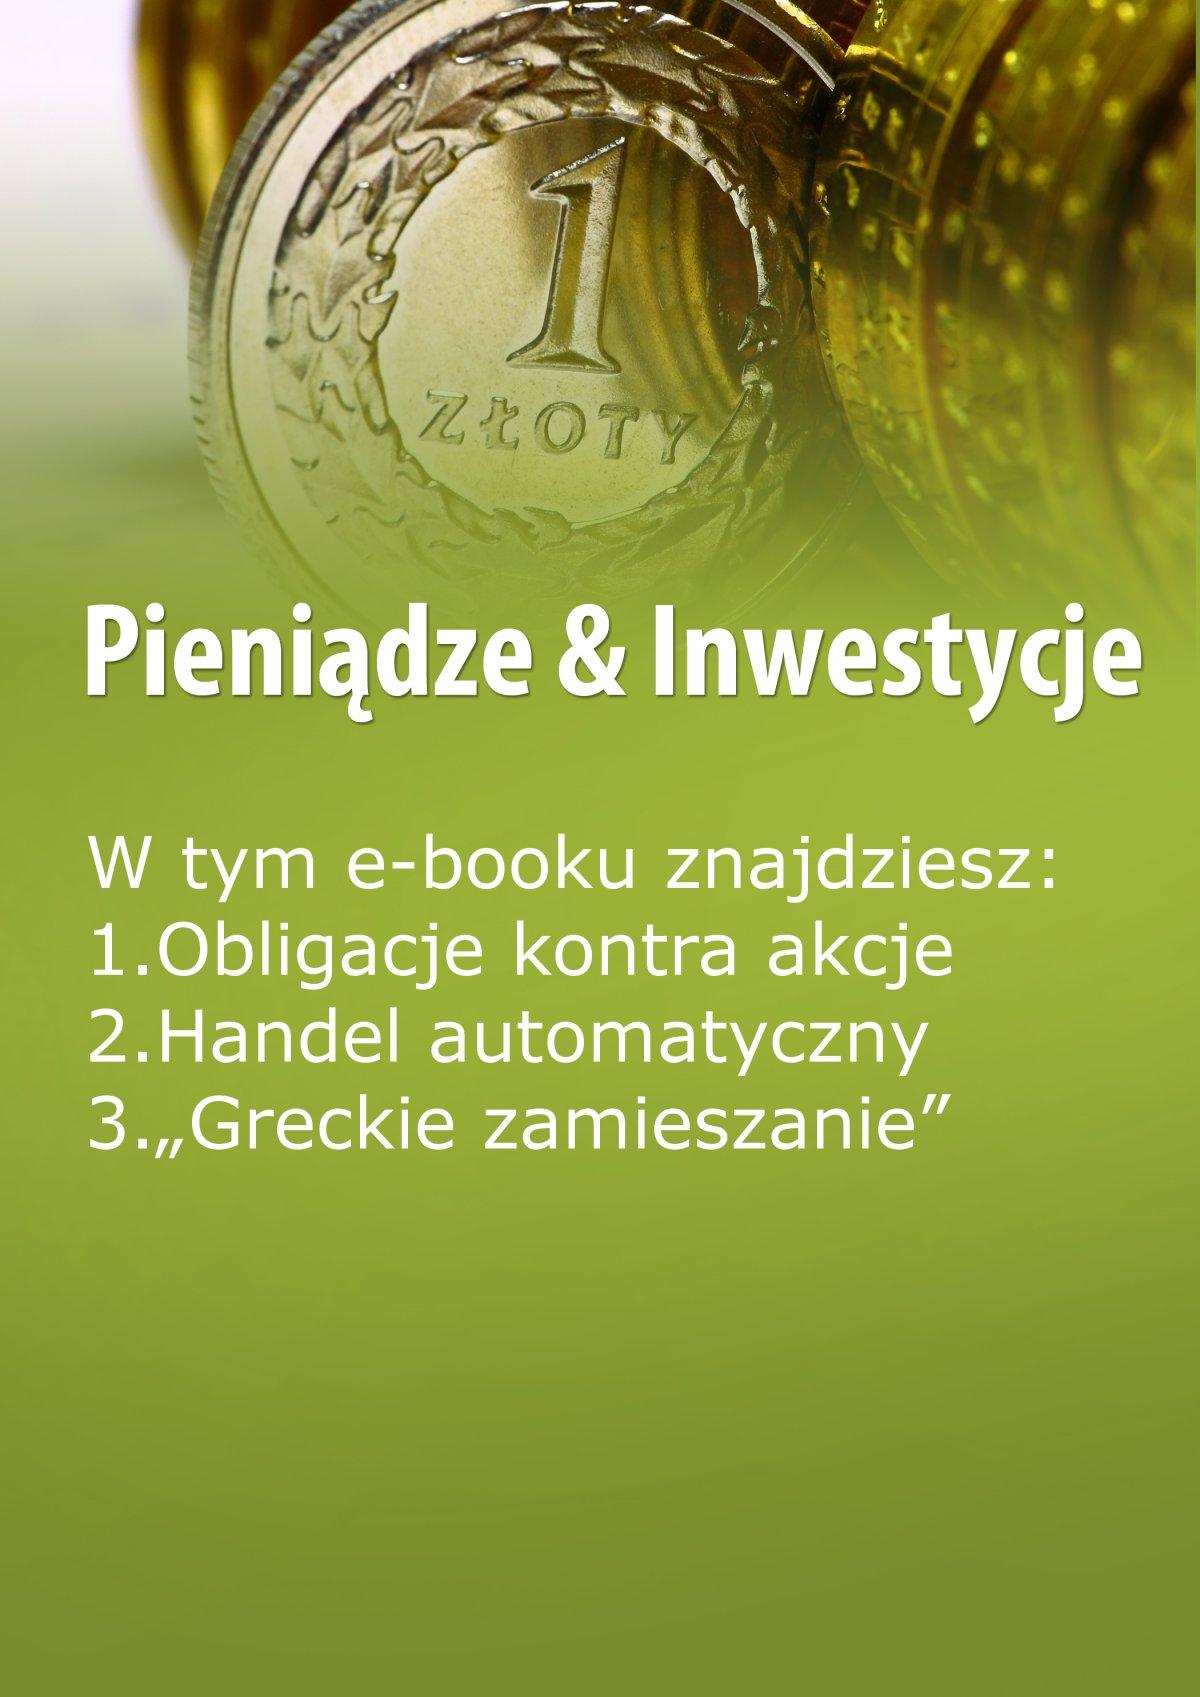 Pieniądze & Inwestycje, wydanie sierpień 2015 r. - Ebook (Książka EPUB) do pobrania w formacie EPUB